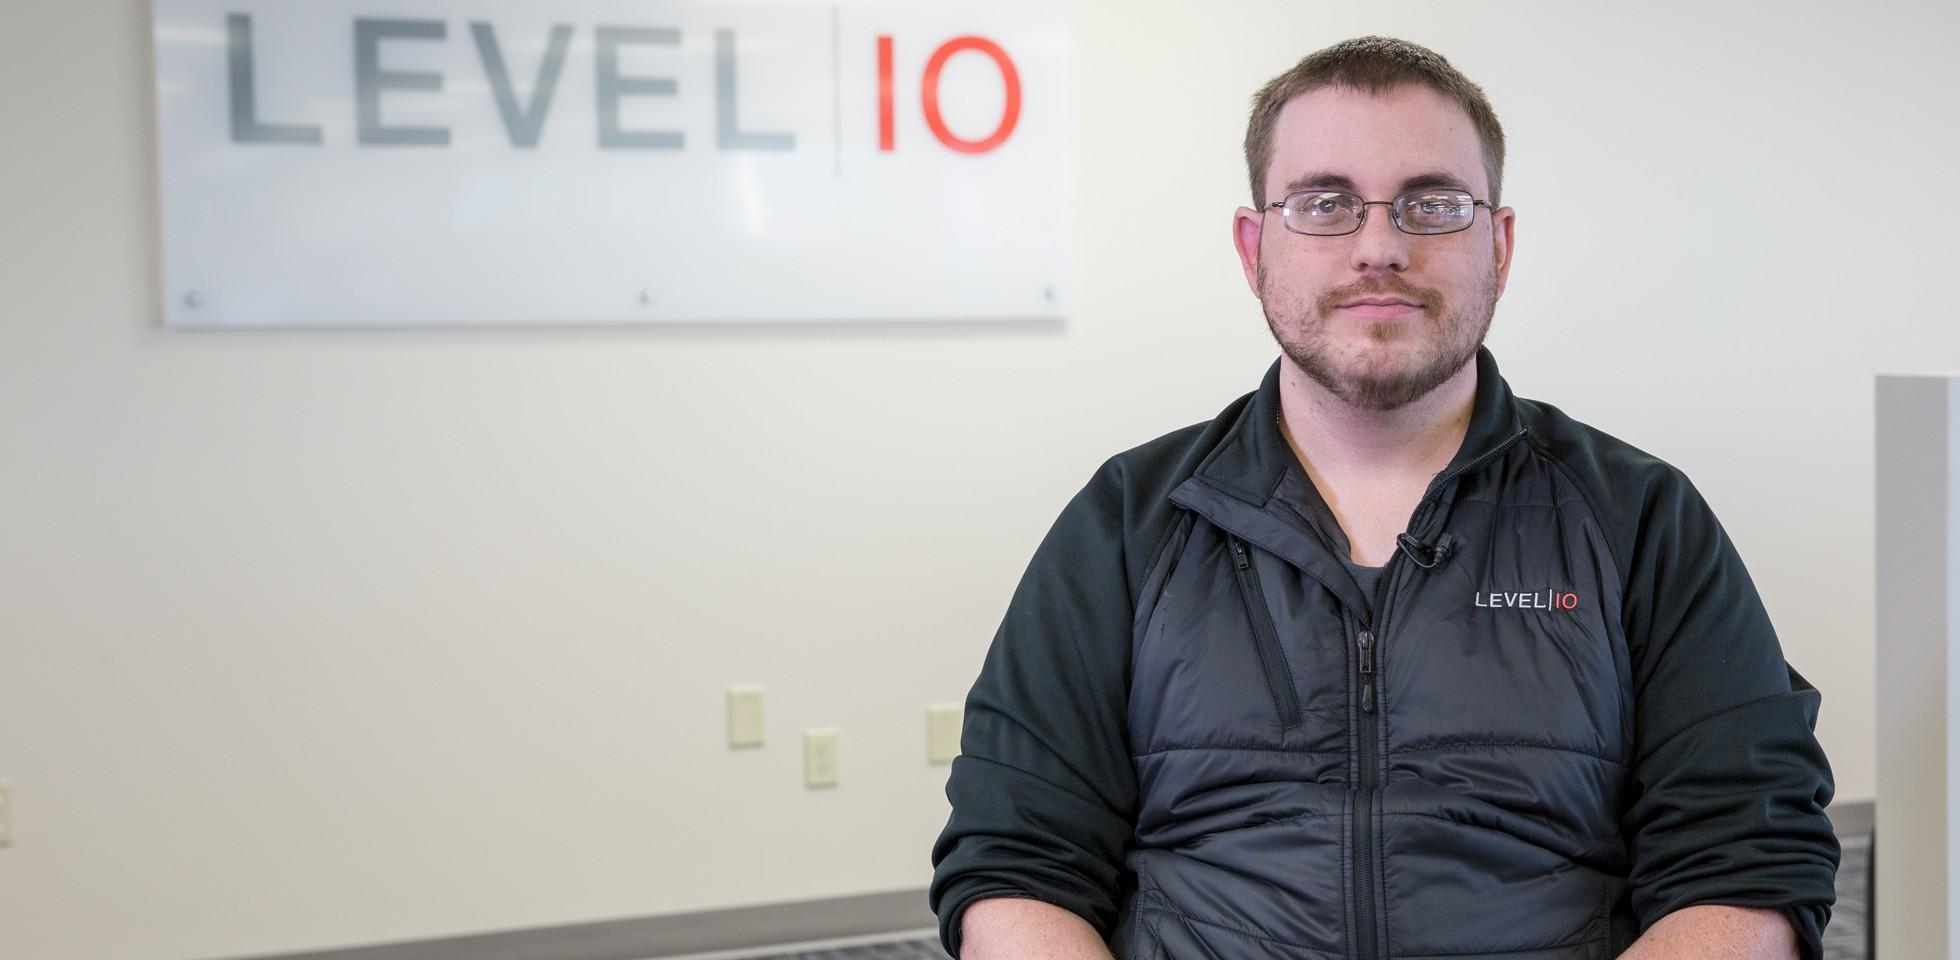 Level 10 Employee